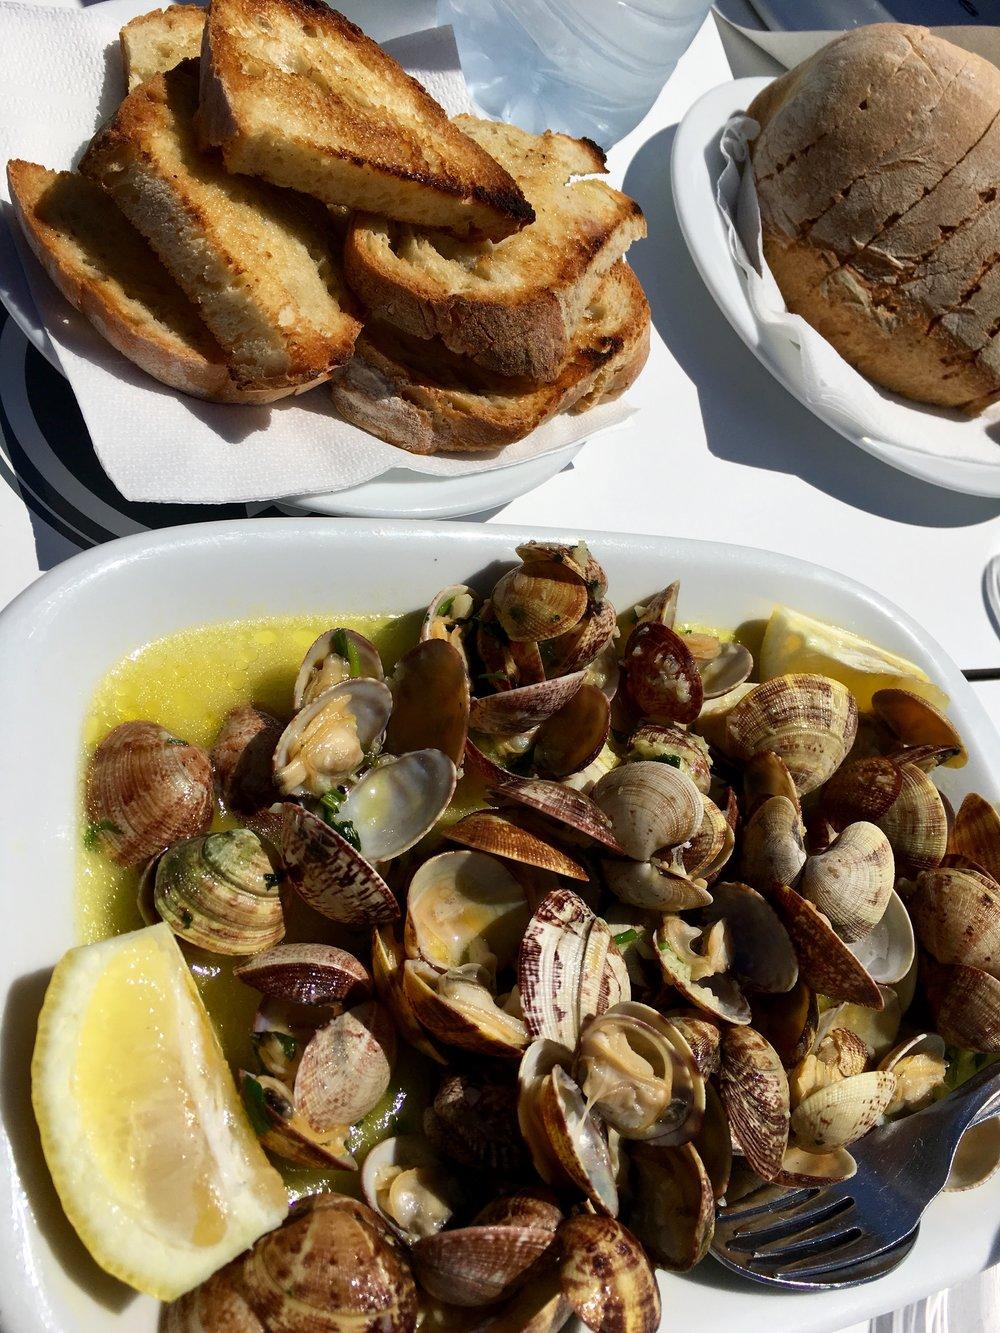 amêijoas (clams)